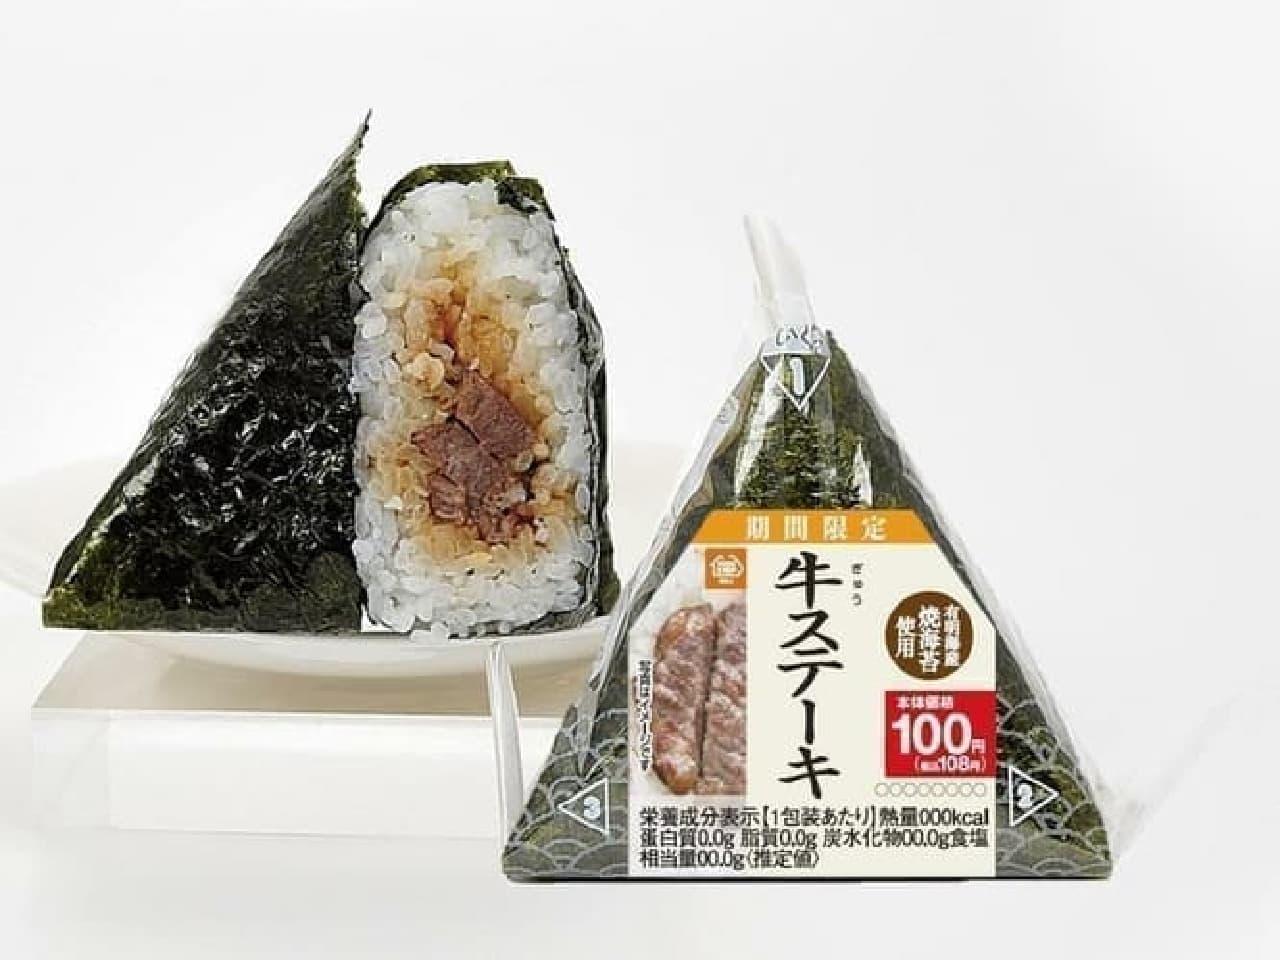 100円おにぎりの新商品「手巻牛ステーキ」